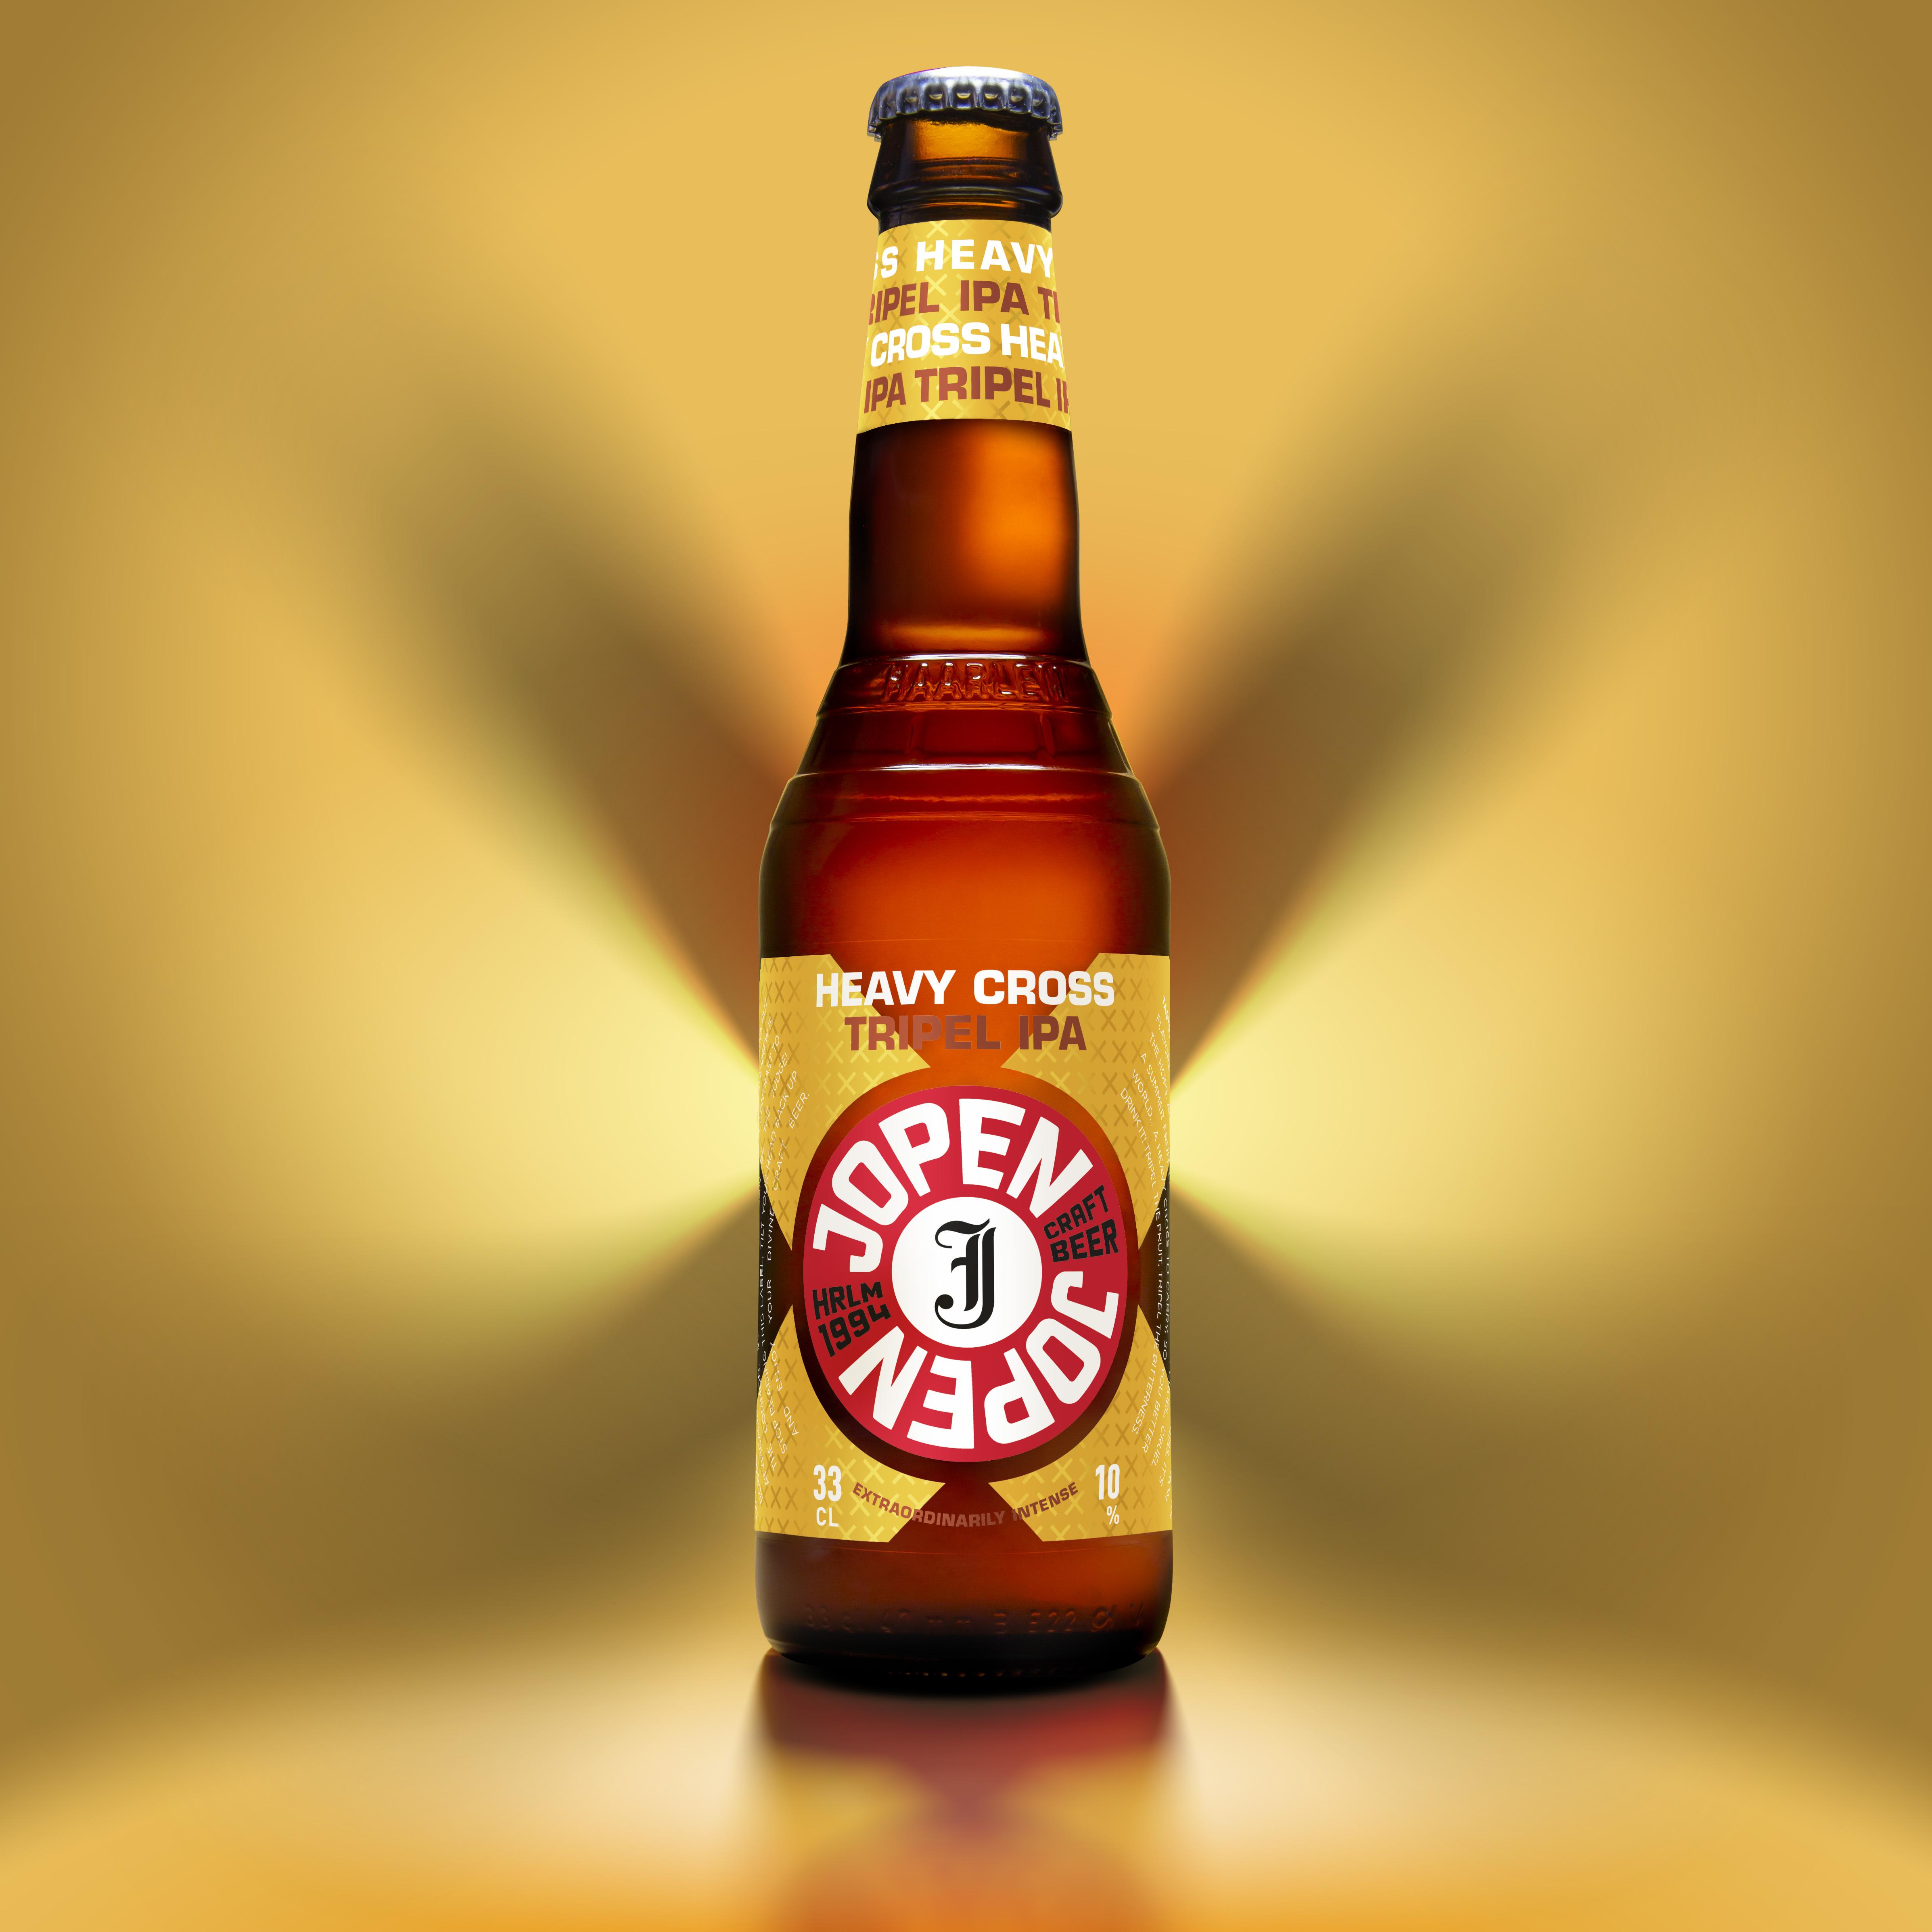 Van Heertum Design VHD Creates Jopen Heavy Cross Craft Beer